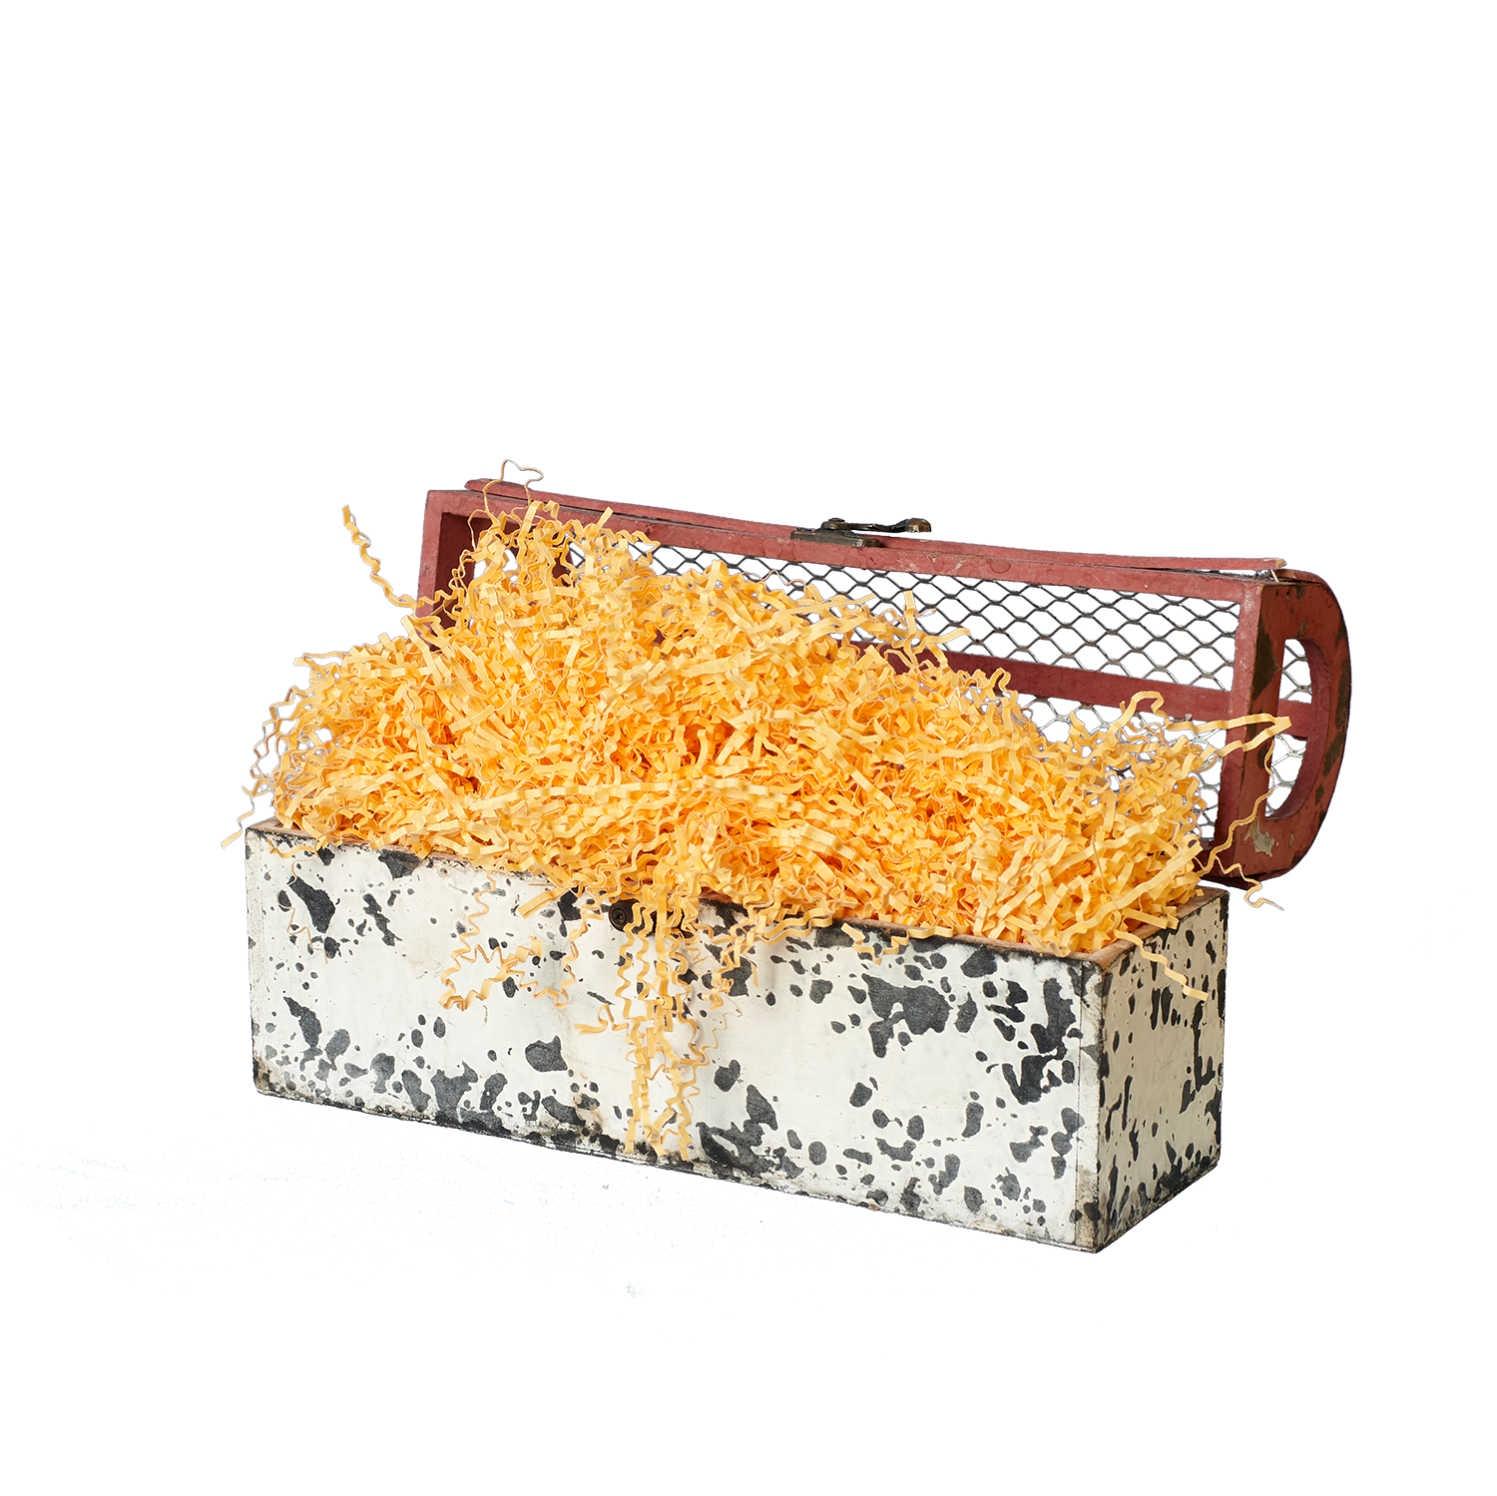 Подарочная упаковка paperforhappy Гофрированный бумажный наполнитель толщиной 2 мм, кремовый супермаркет] [jingdong подлинного цвета фильтра типа мундштук очистка обшивки подарочные коробки zb 209 2 gold